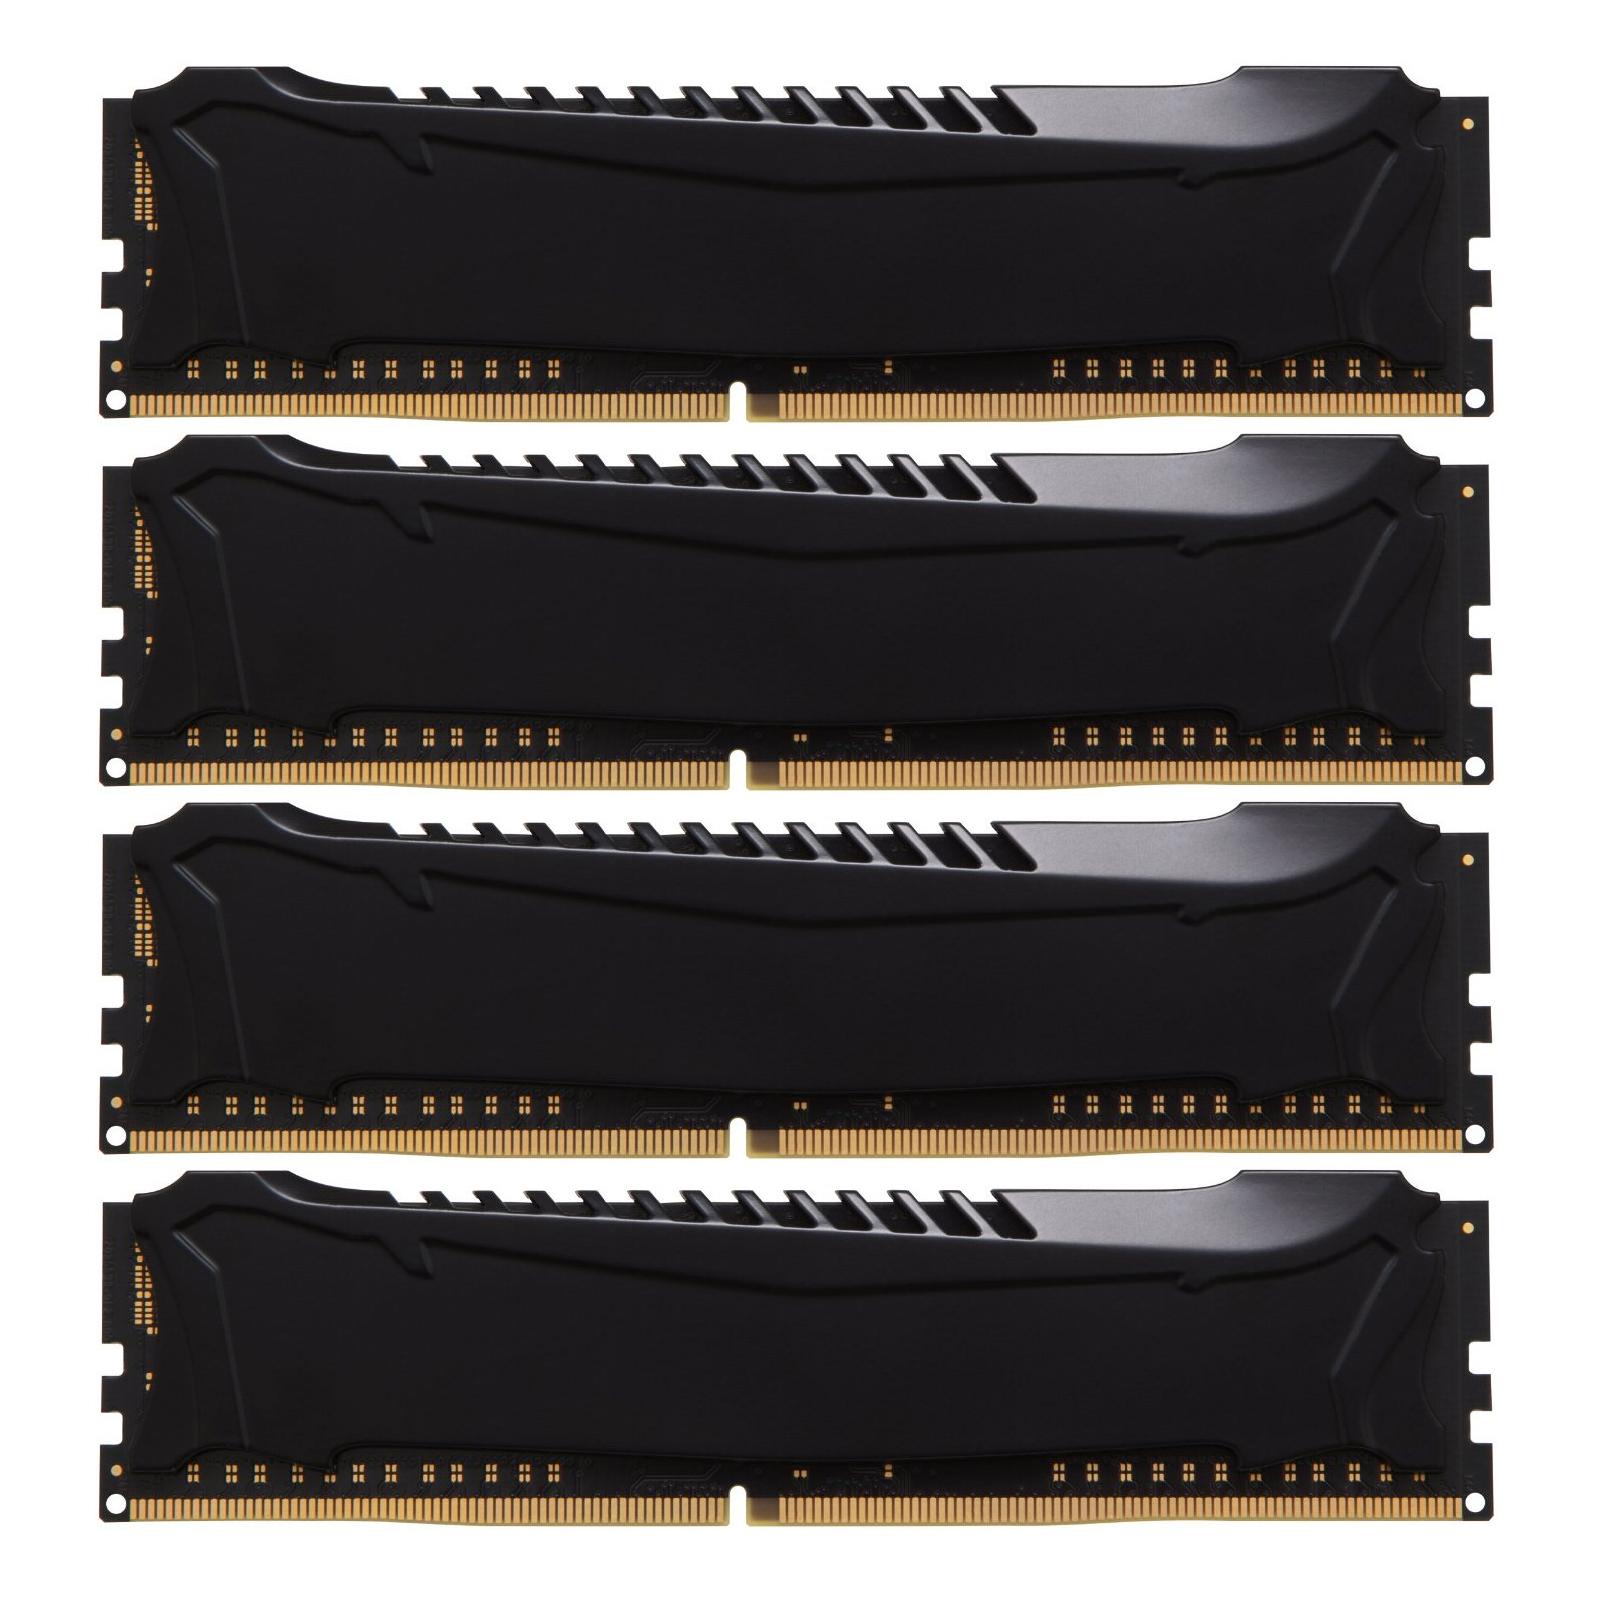 Модуль памяти для компьютера DDR4 32GB (4x8GB) 3000 MHz Savage Blak Kingston (HX430C15SB2K4/32) изображение 3